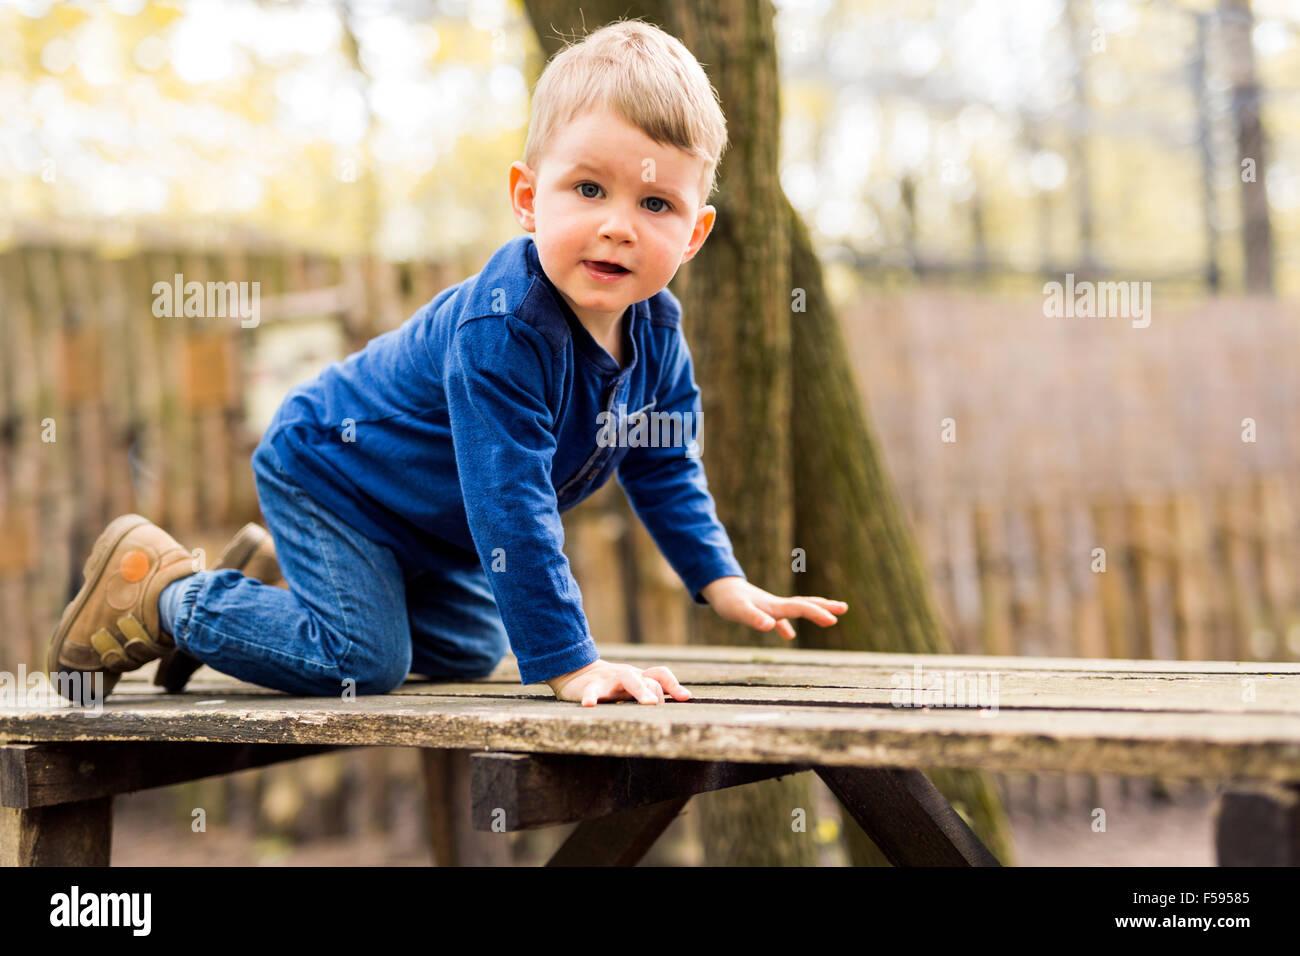 Chico guapo en el parque Imagen De Stock